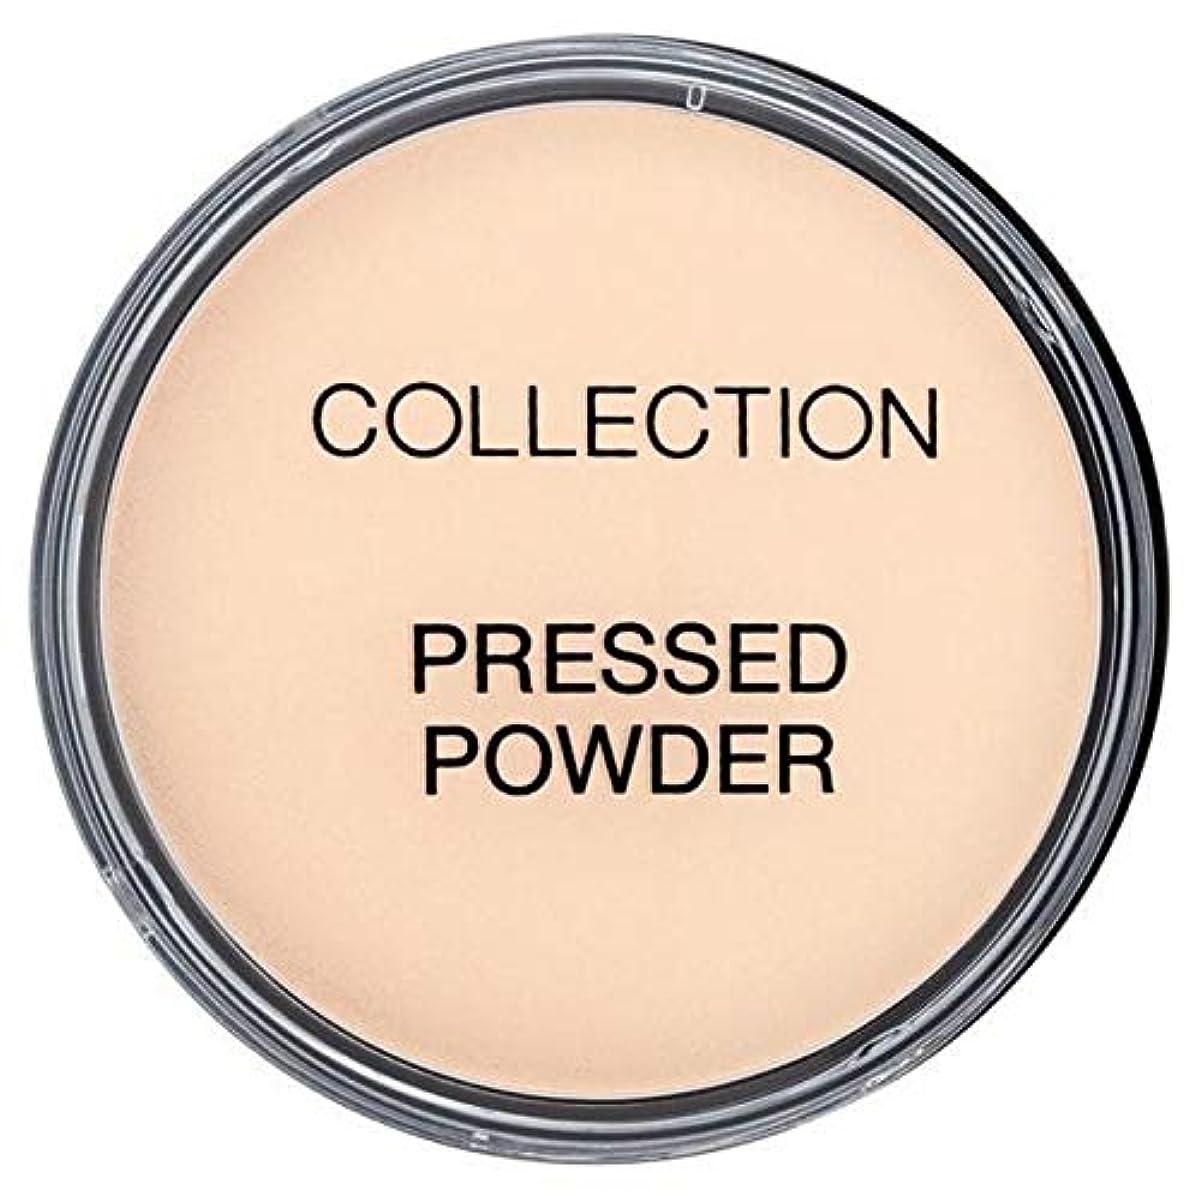 上げるハードウェア脅迫[Collection ] コレクションは、粉末17グラムのろうそく1を押します - Collection Pressed Powder 17g Candlelight 1 [並行輸入品]